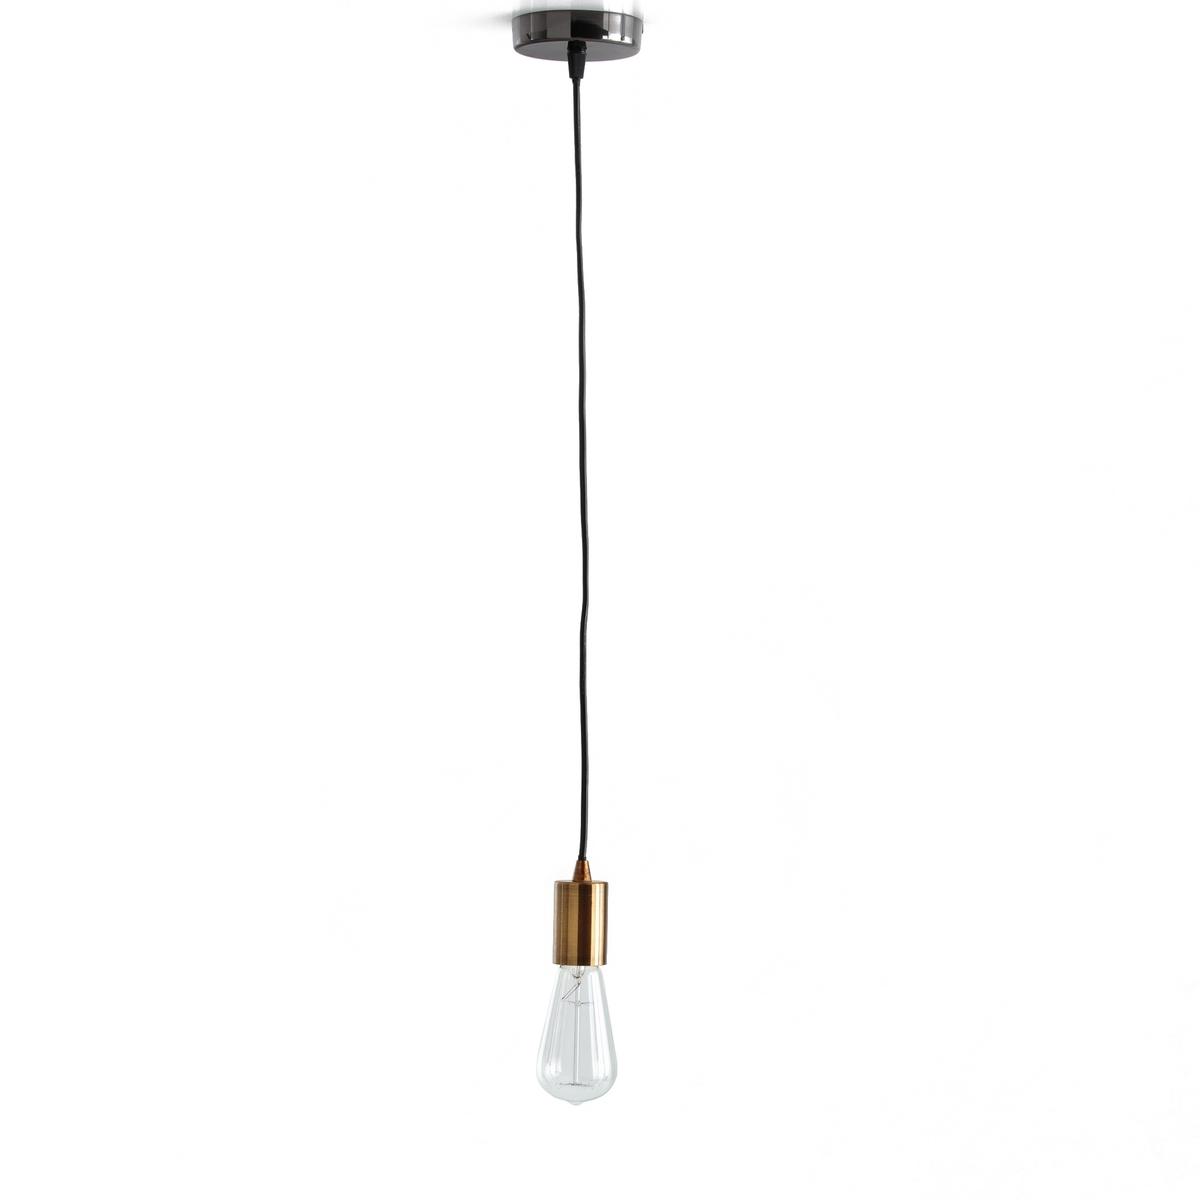 Подвесной патрон из латуни LUXIAГрафический и воздушный подвесной патрон из латуни Luxia создает изящную и очень модную городскую атмосферу!Характеристики подвесного патрона Luxia:Металлический патрон, покрытие латунью, металлическая чашка, покрытая чернью.Основание под цоколь E27 из металла, покрытого чернью, для лампы мощностью 60 Вт макс. (продается отдельно). Энергетический класс от A до E.Без возможности крепления абажураДругие предметы декора Вы найдете на  laredoute.ruРазмеры подвесного патрона Luxia:Кабель черного цвета длиной 1 м.<br><br>Цвет: латунь<br>Размер: единый размер